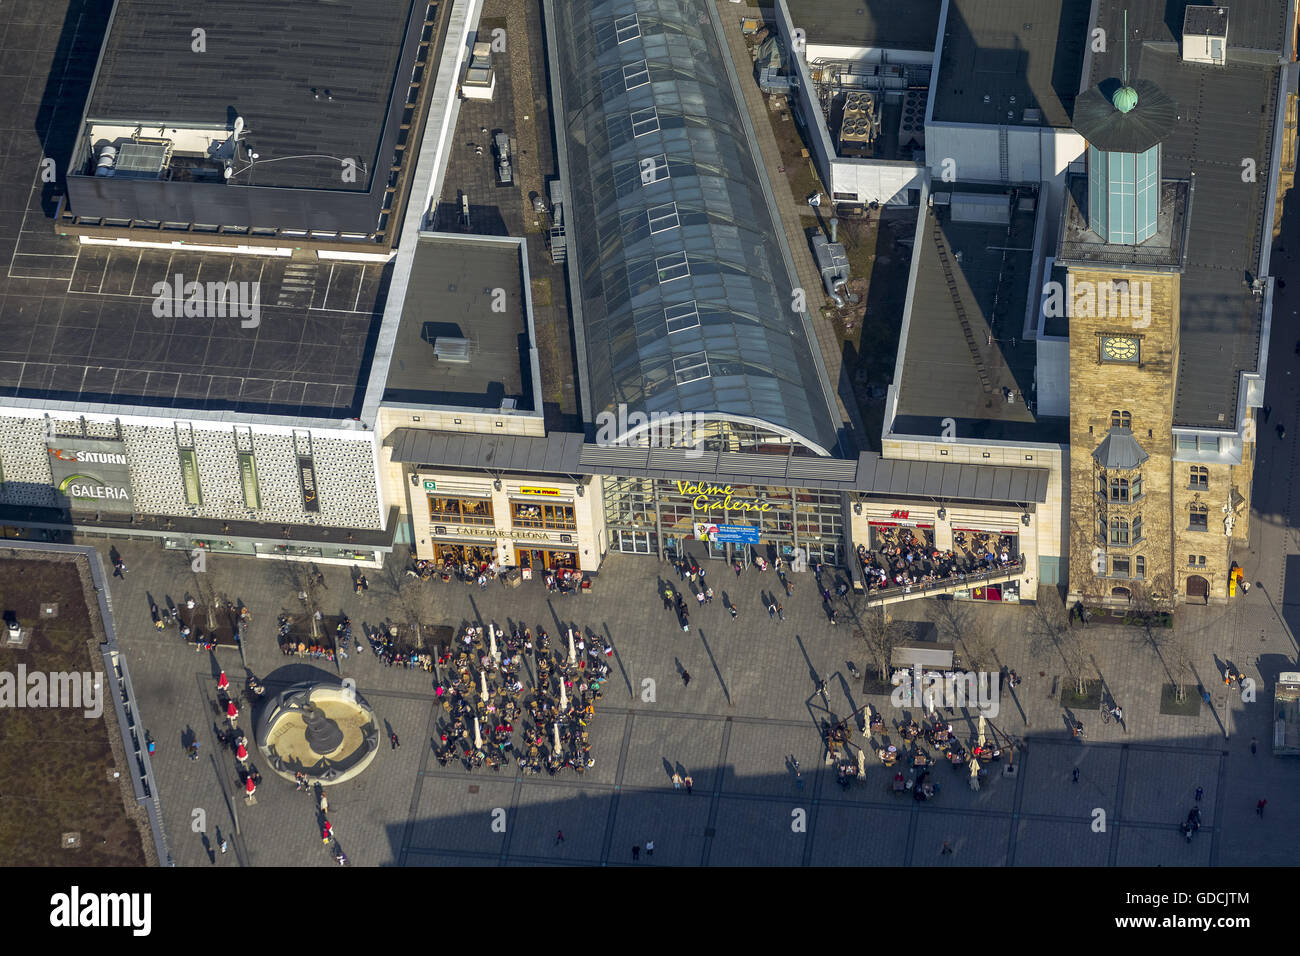 Vista aérea, helado de crema Eiscafe, Cafe Bar Celona, Cafe bebiendo en el Volme Galerie, Hagen, área de Ruhr, Renania Foto de stock